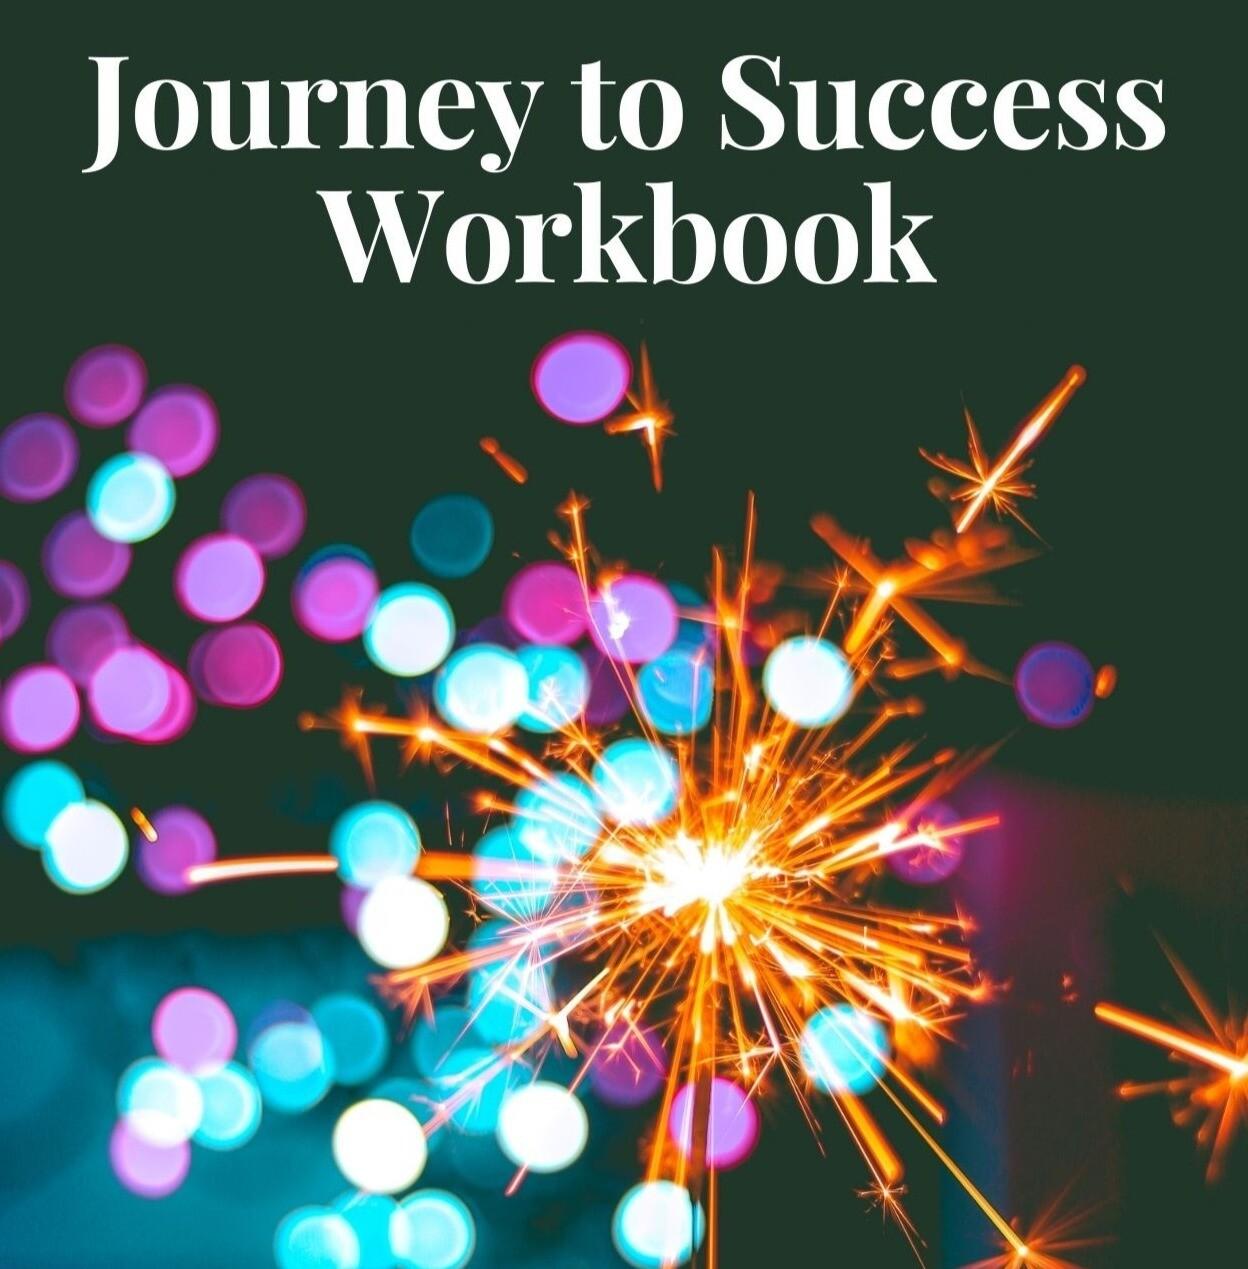 Vision Goal Workbook